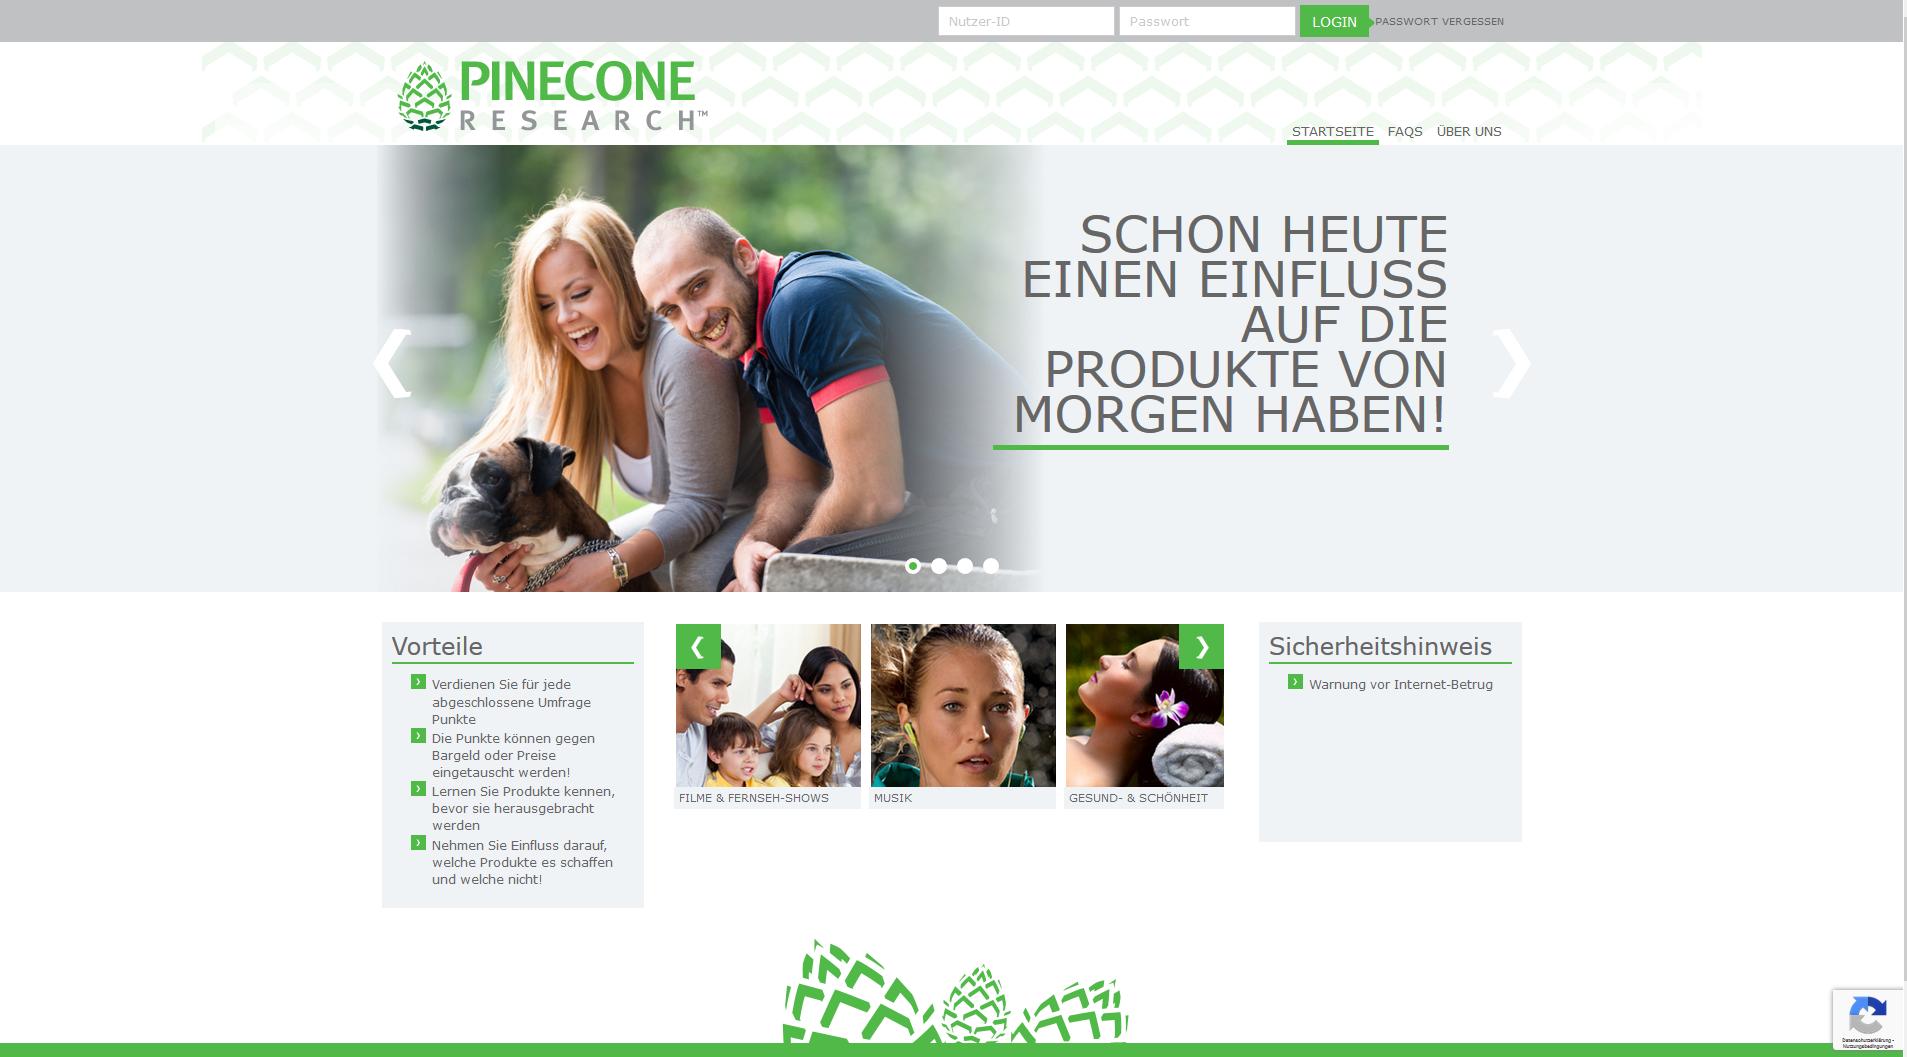 Pinecone Research Erfahrungen - Die Homepage